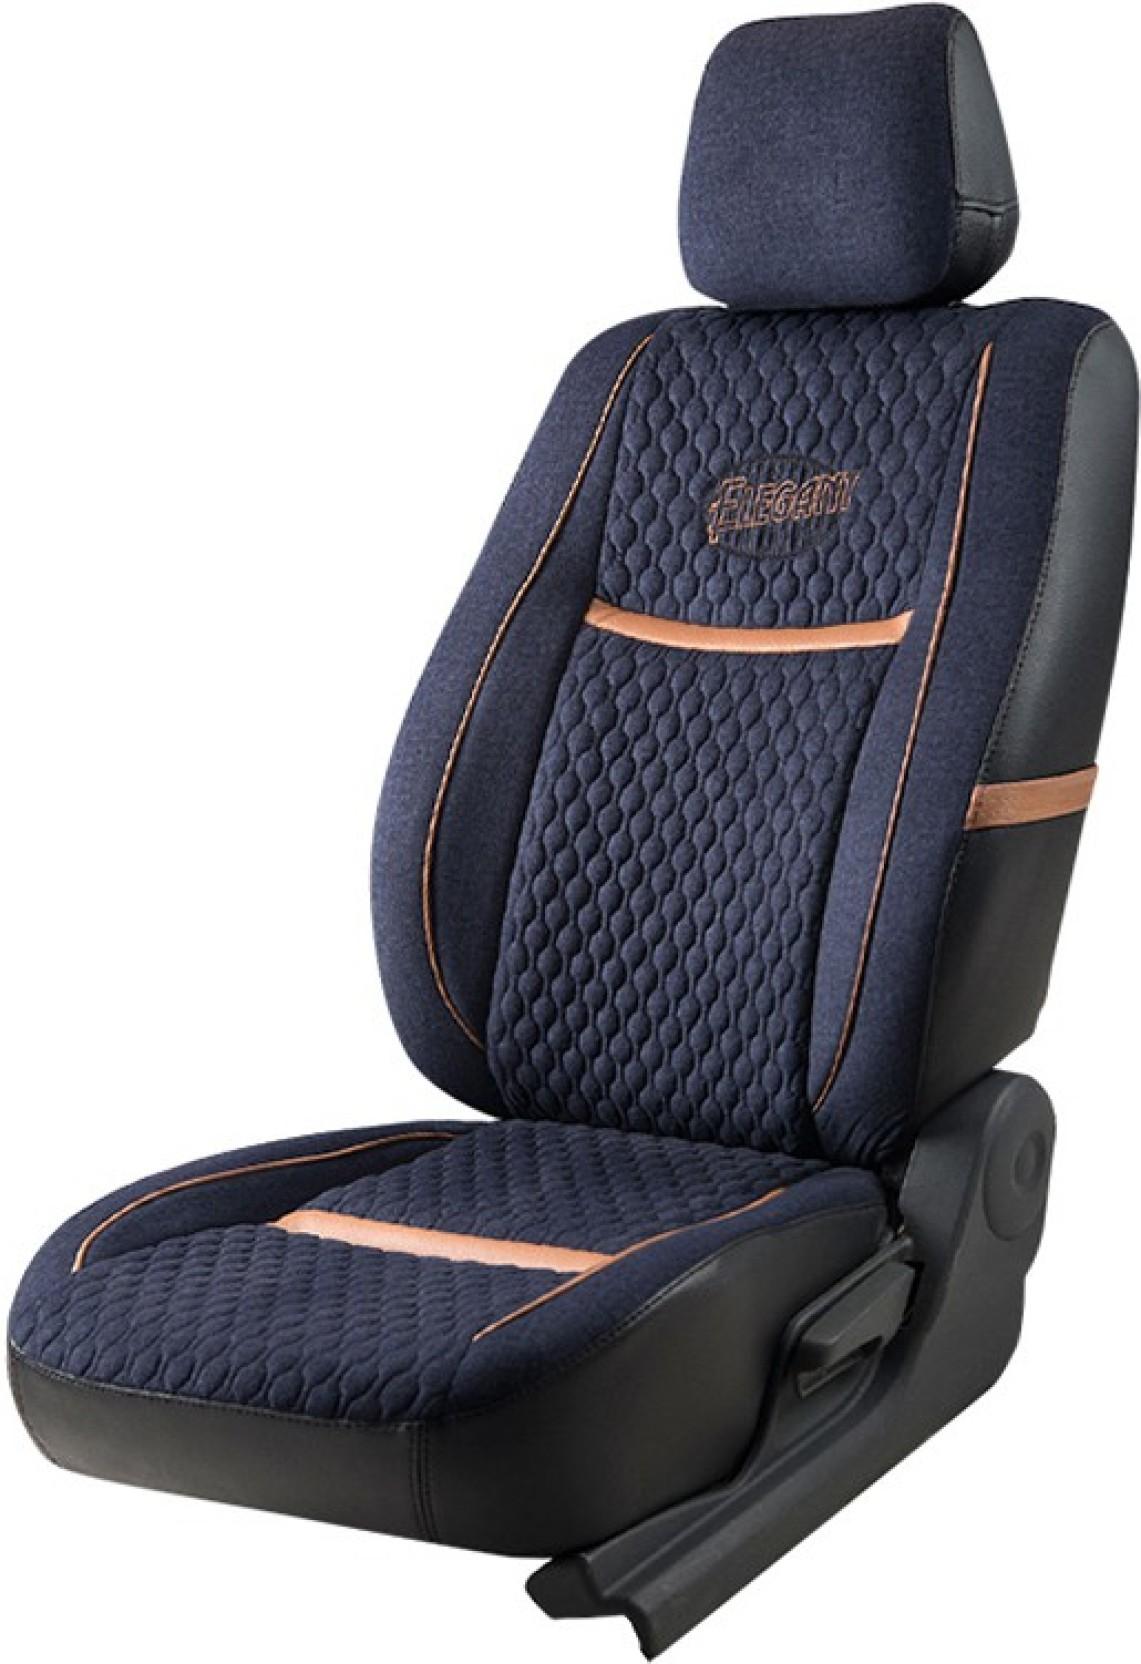 Elegant Fabric Car Seat Cover For Honda Amaze Price In